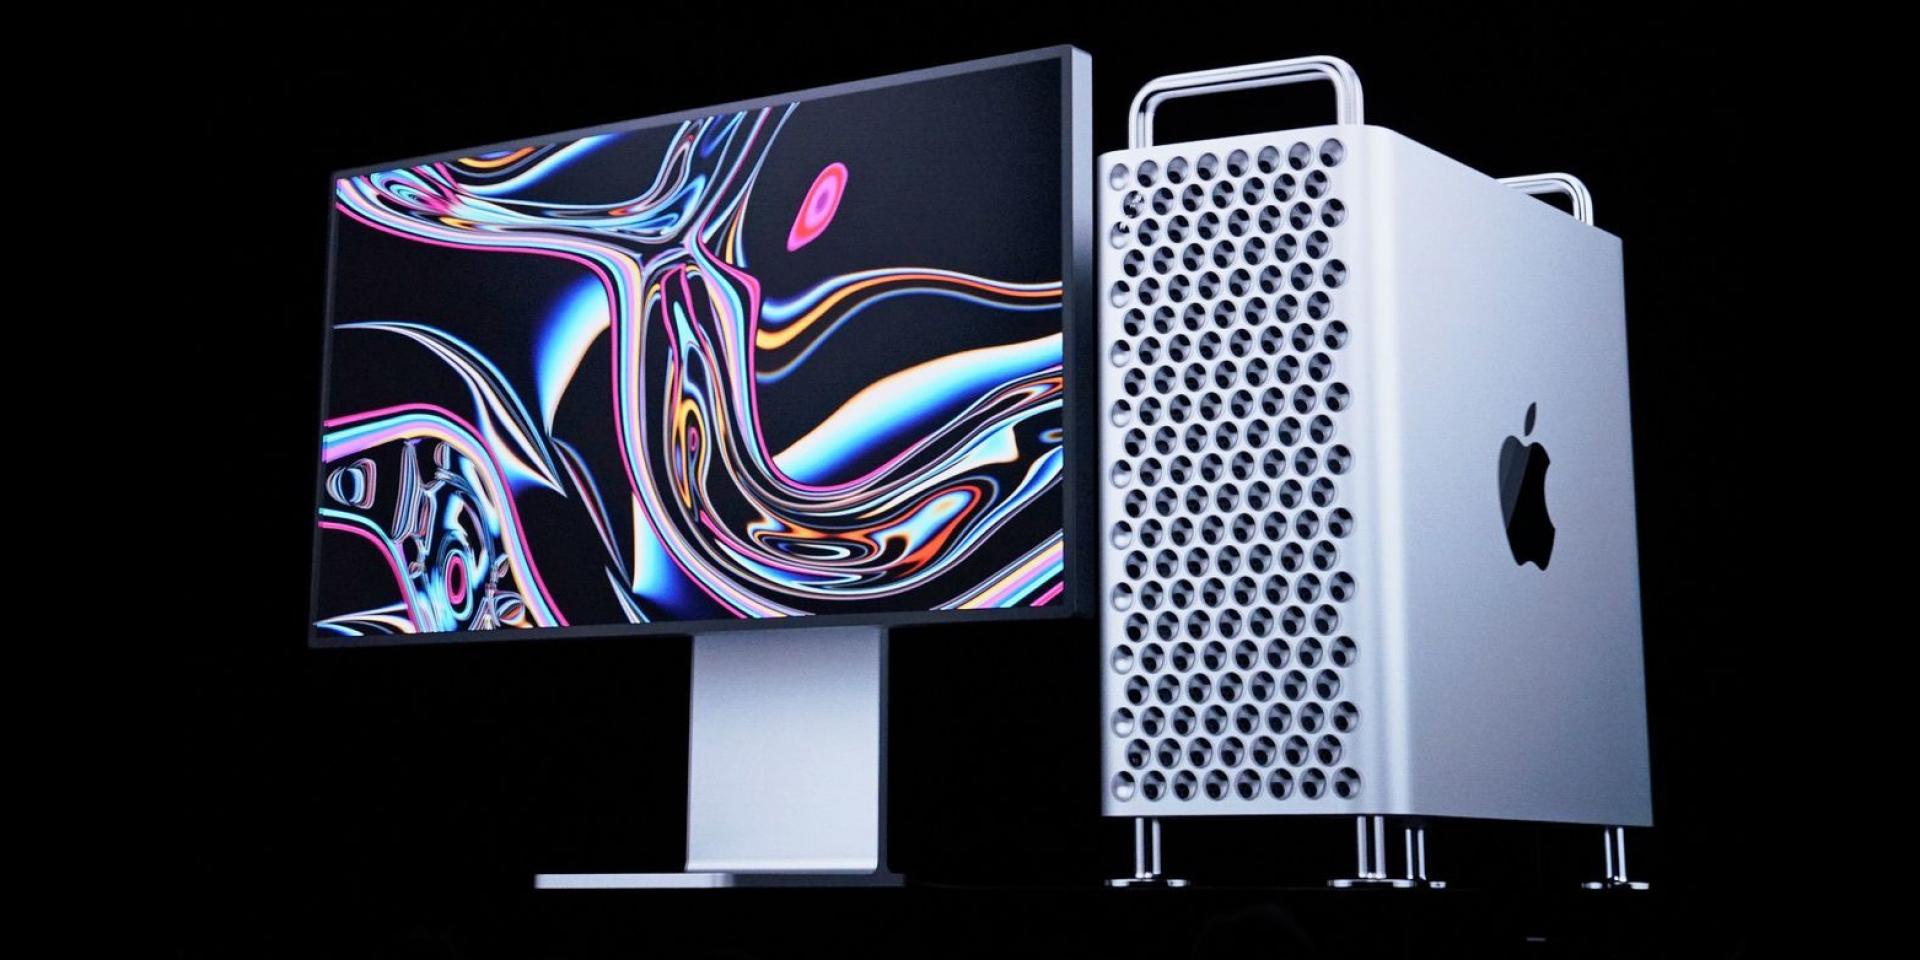 史上最貴蘋果電腦出爐 52599美金(160萬台幣)不含螢幕喔!